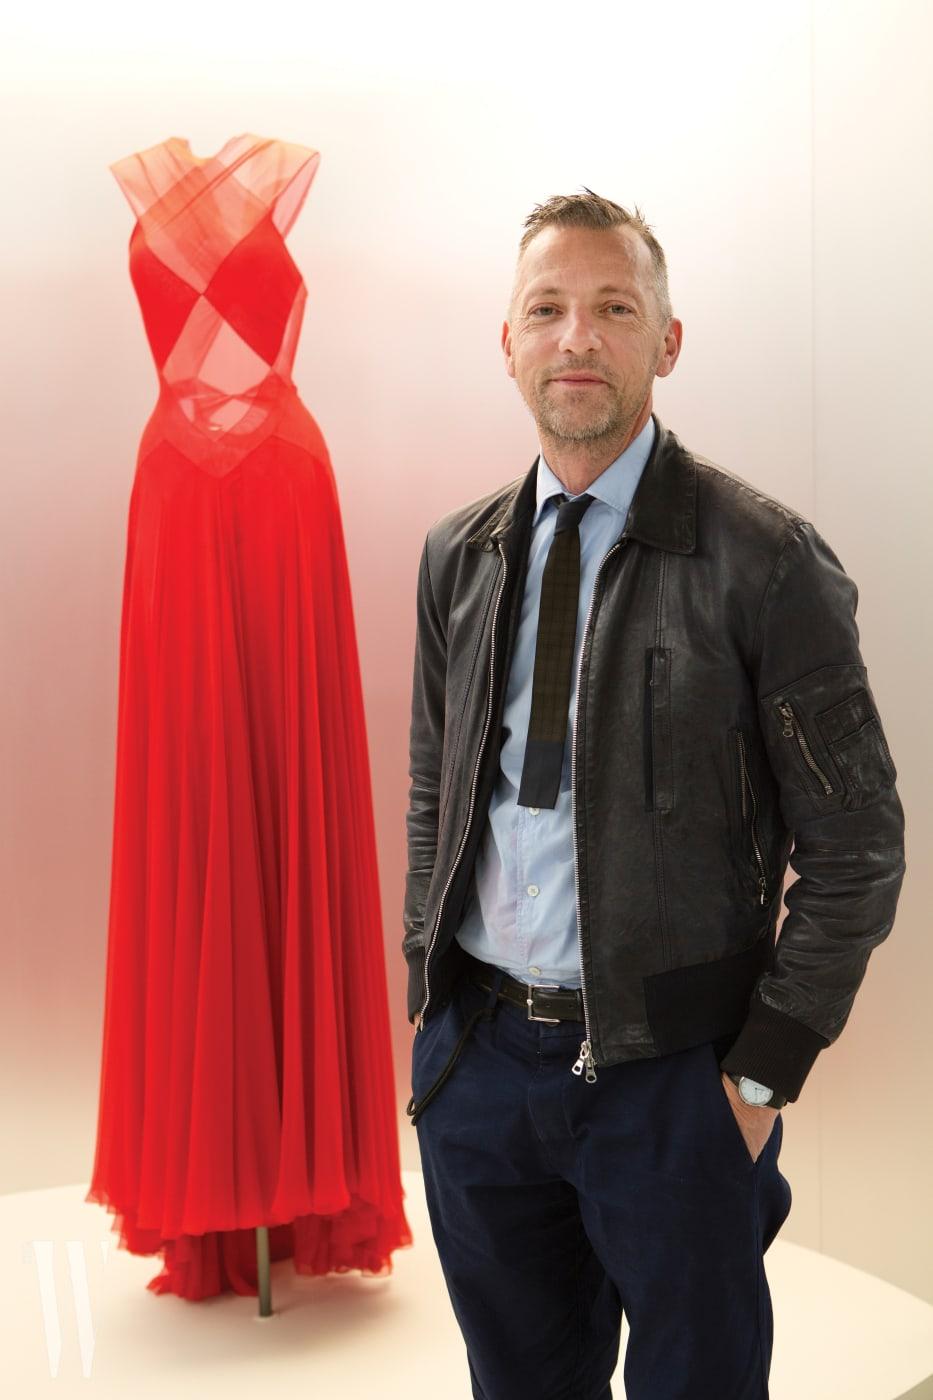 아제딘 알라이아 회고전에서 만난 전설적인 패션 큐레이터, 올리비에 사이야르.